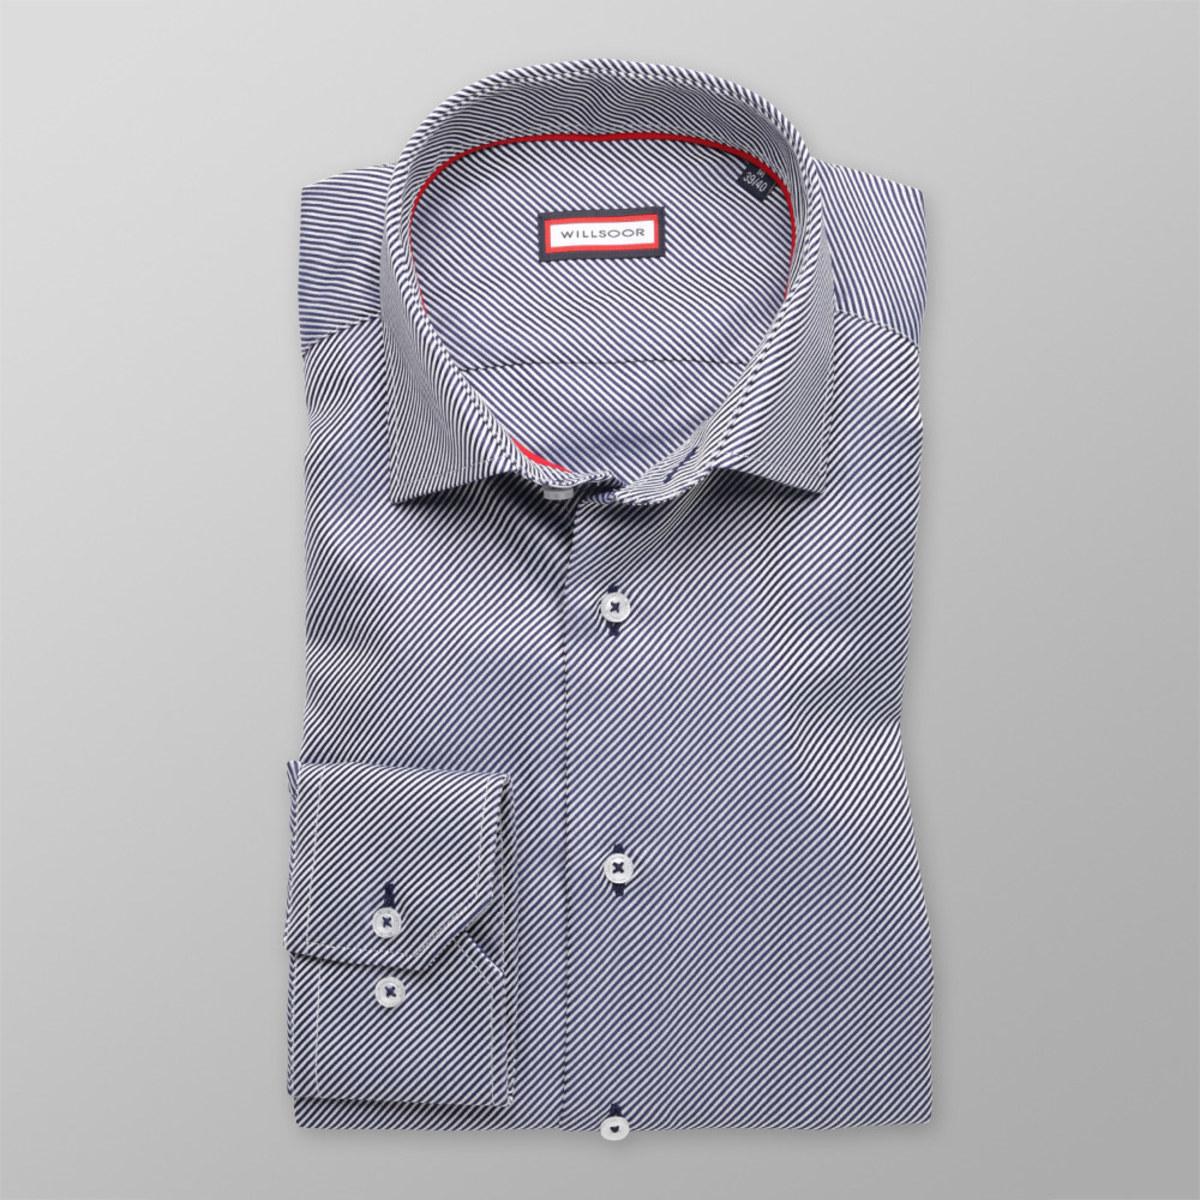 Pánská slim fit košile (výška 176-182) 8282 s jemnými proužky 176-182 / L (41/42)